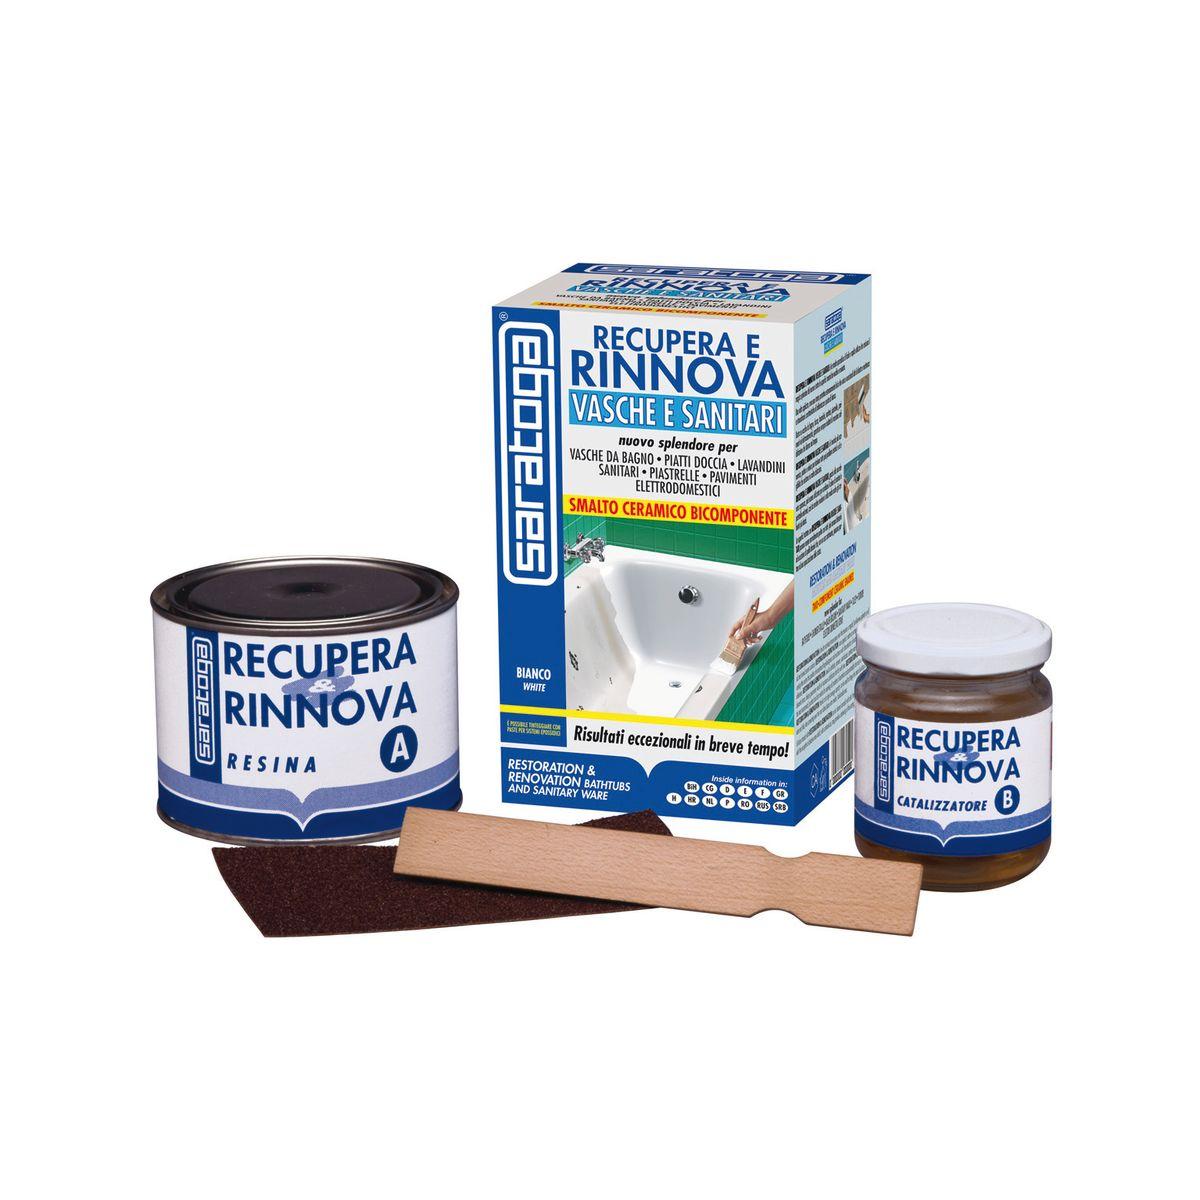 kit di riparazione recupera e rinnova sanitari saratoga bianco brillante 0375 l prezzi e offerte online